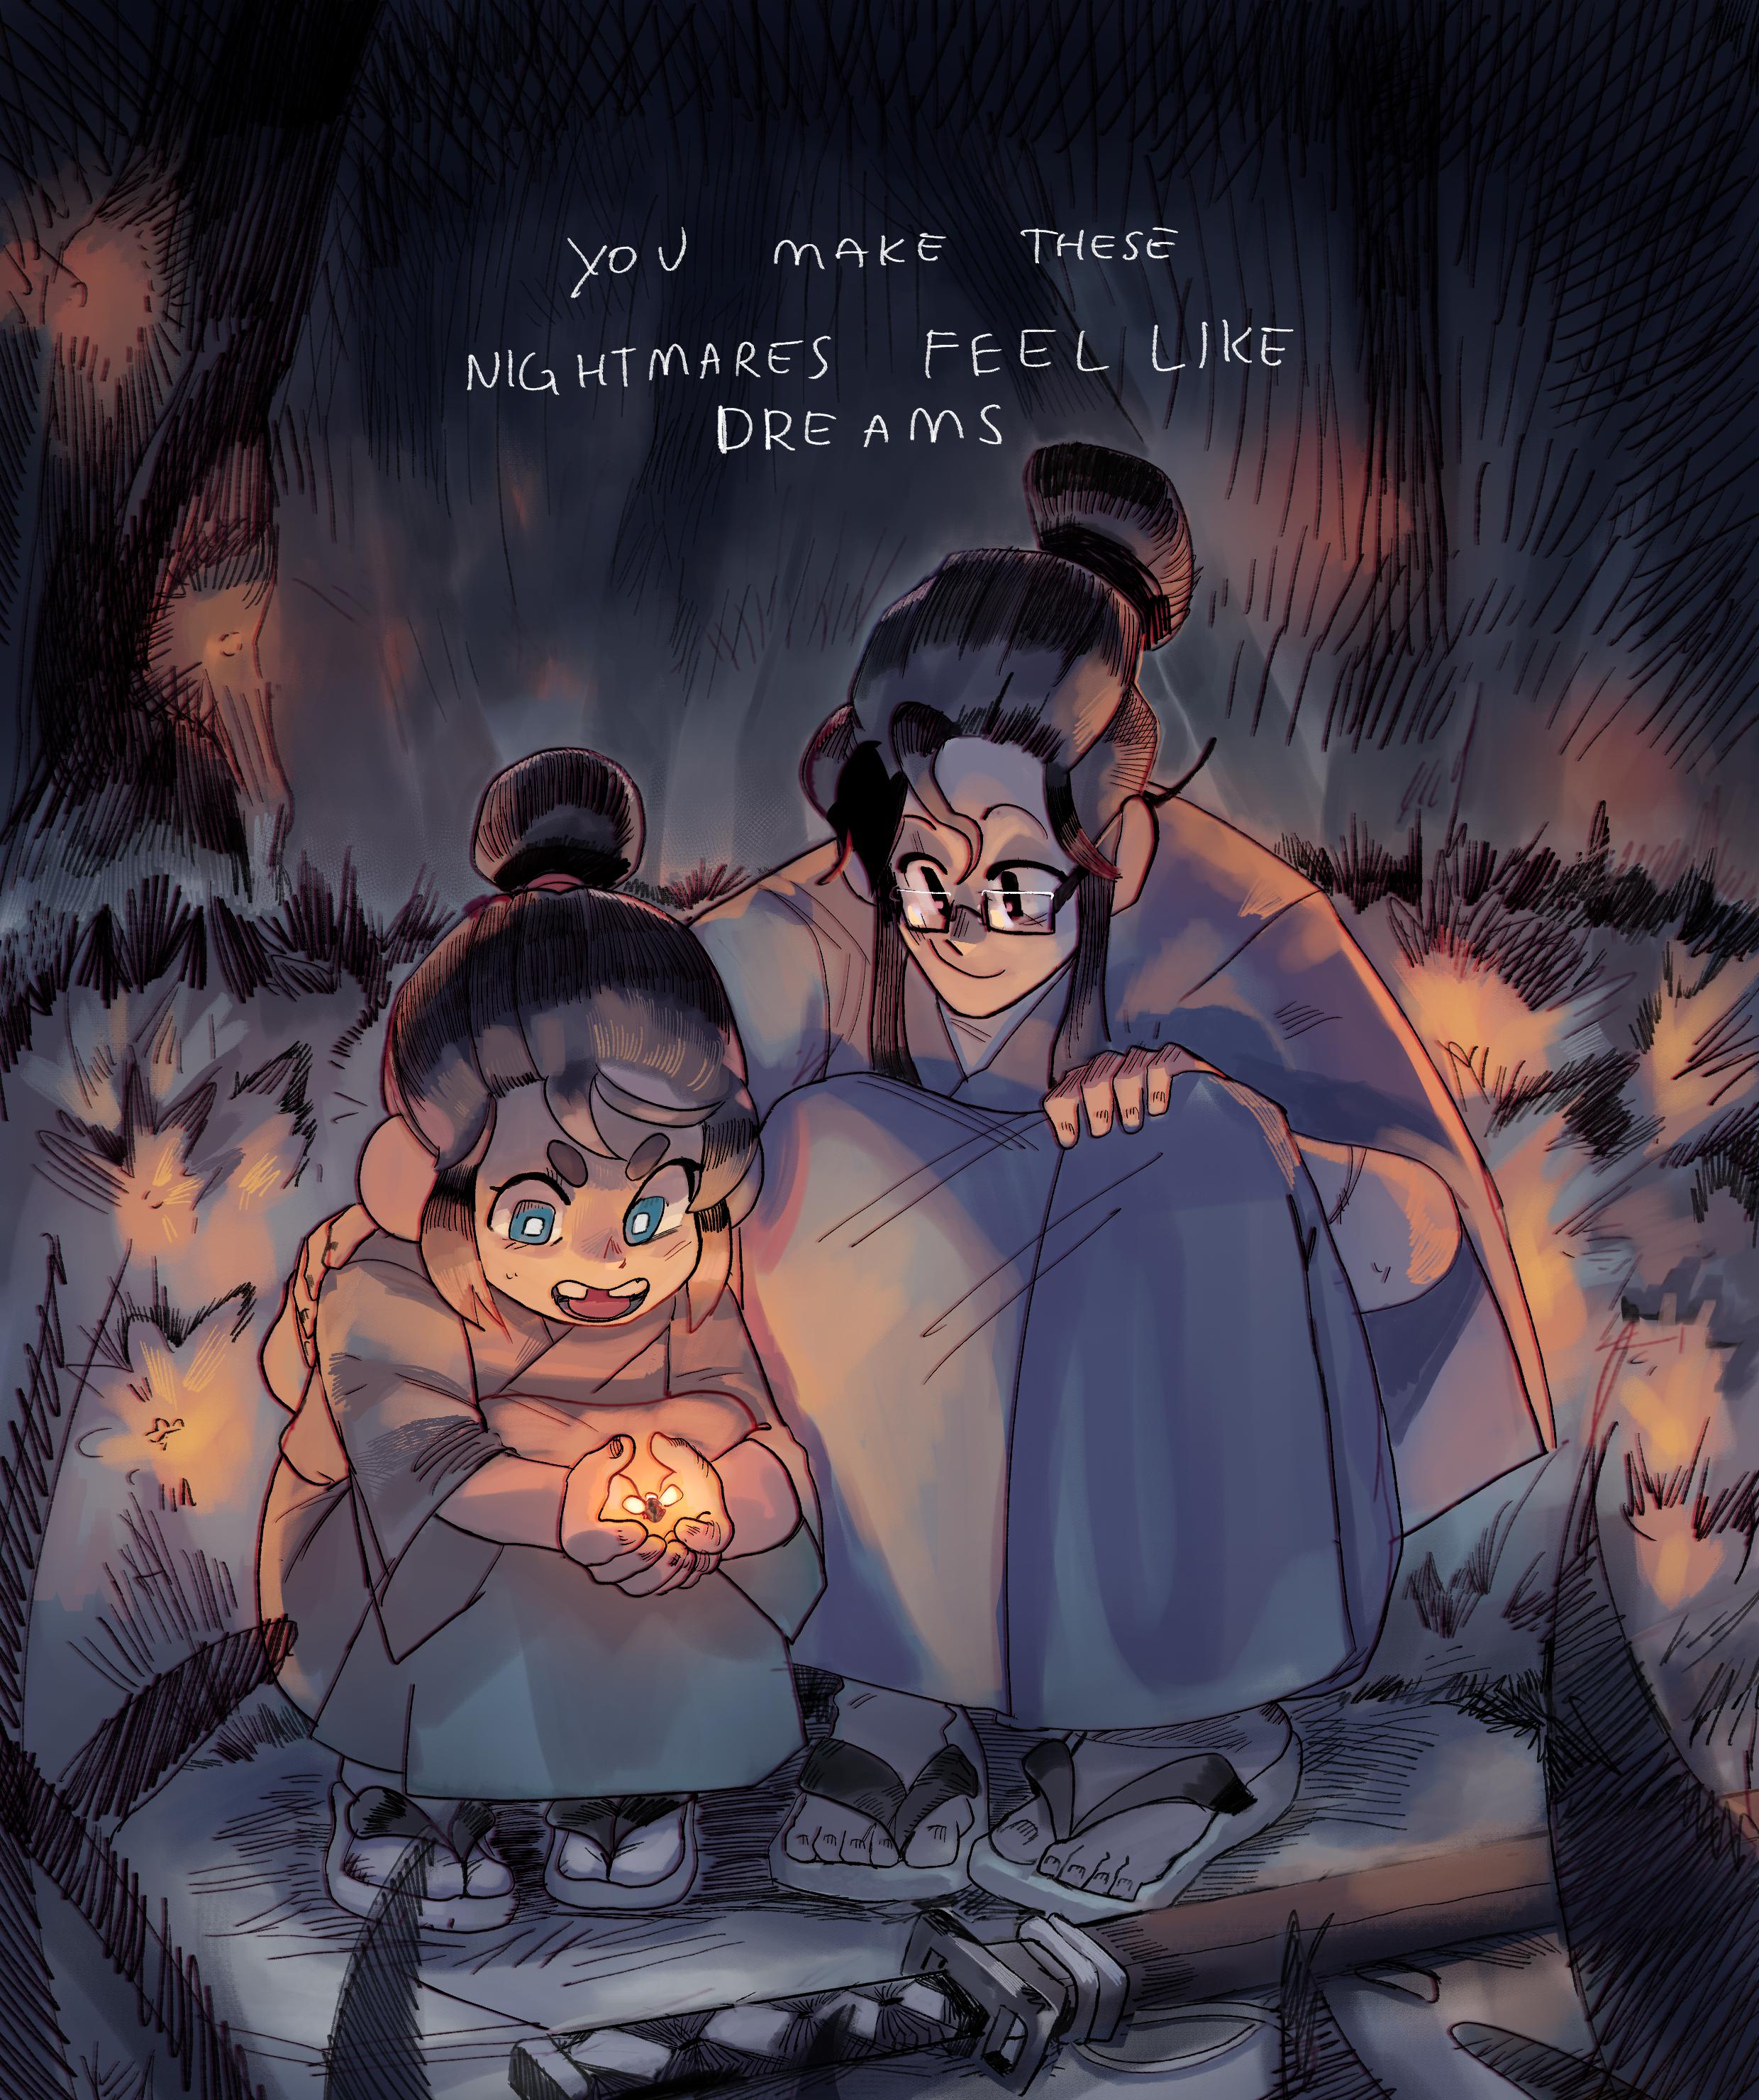 in that garden of fireflies